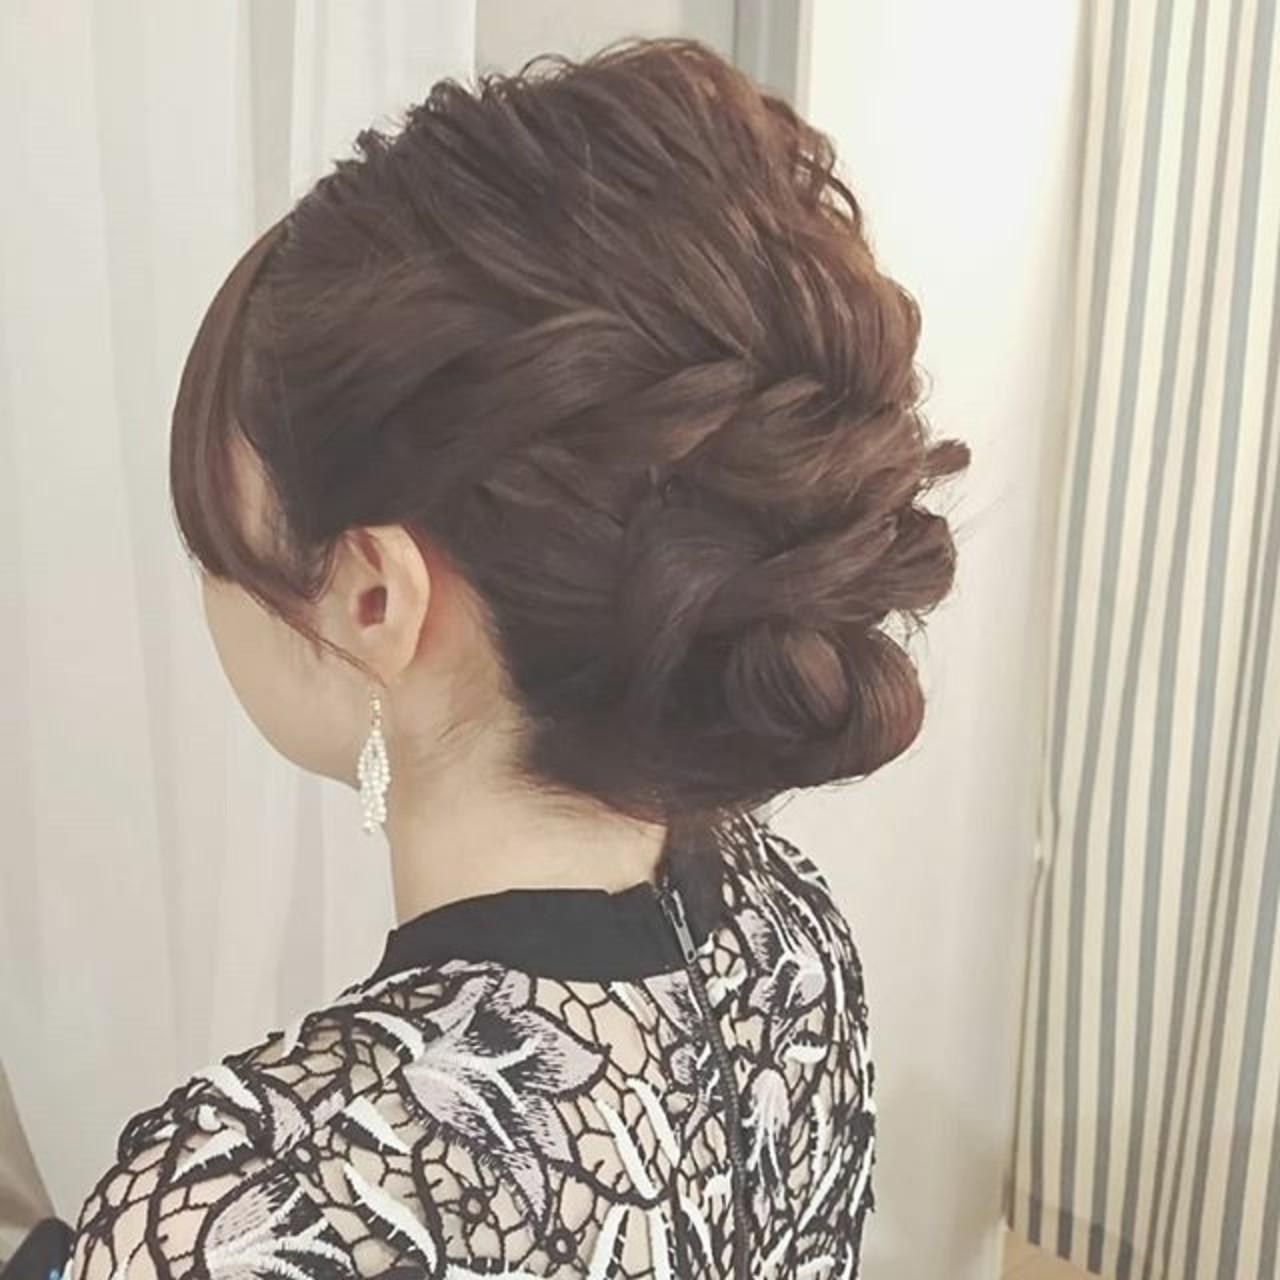 大人かわいい ミディアム 結婚式 パーティ ヘアスタイルや髪型の写真・画像